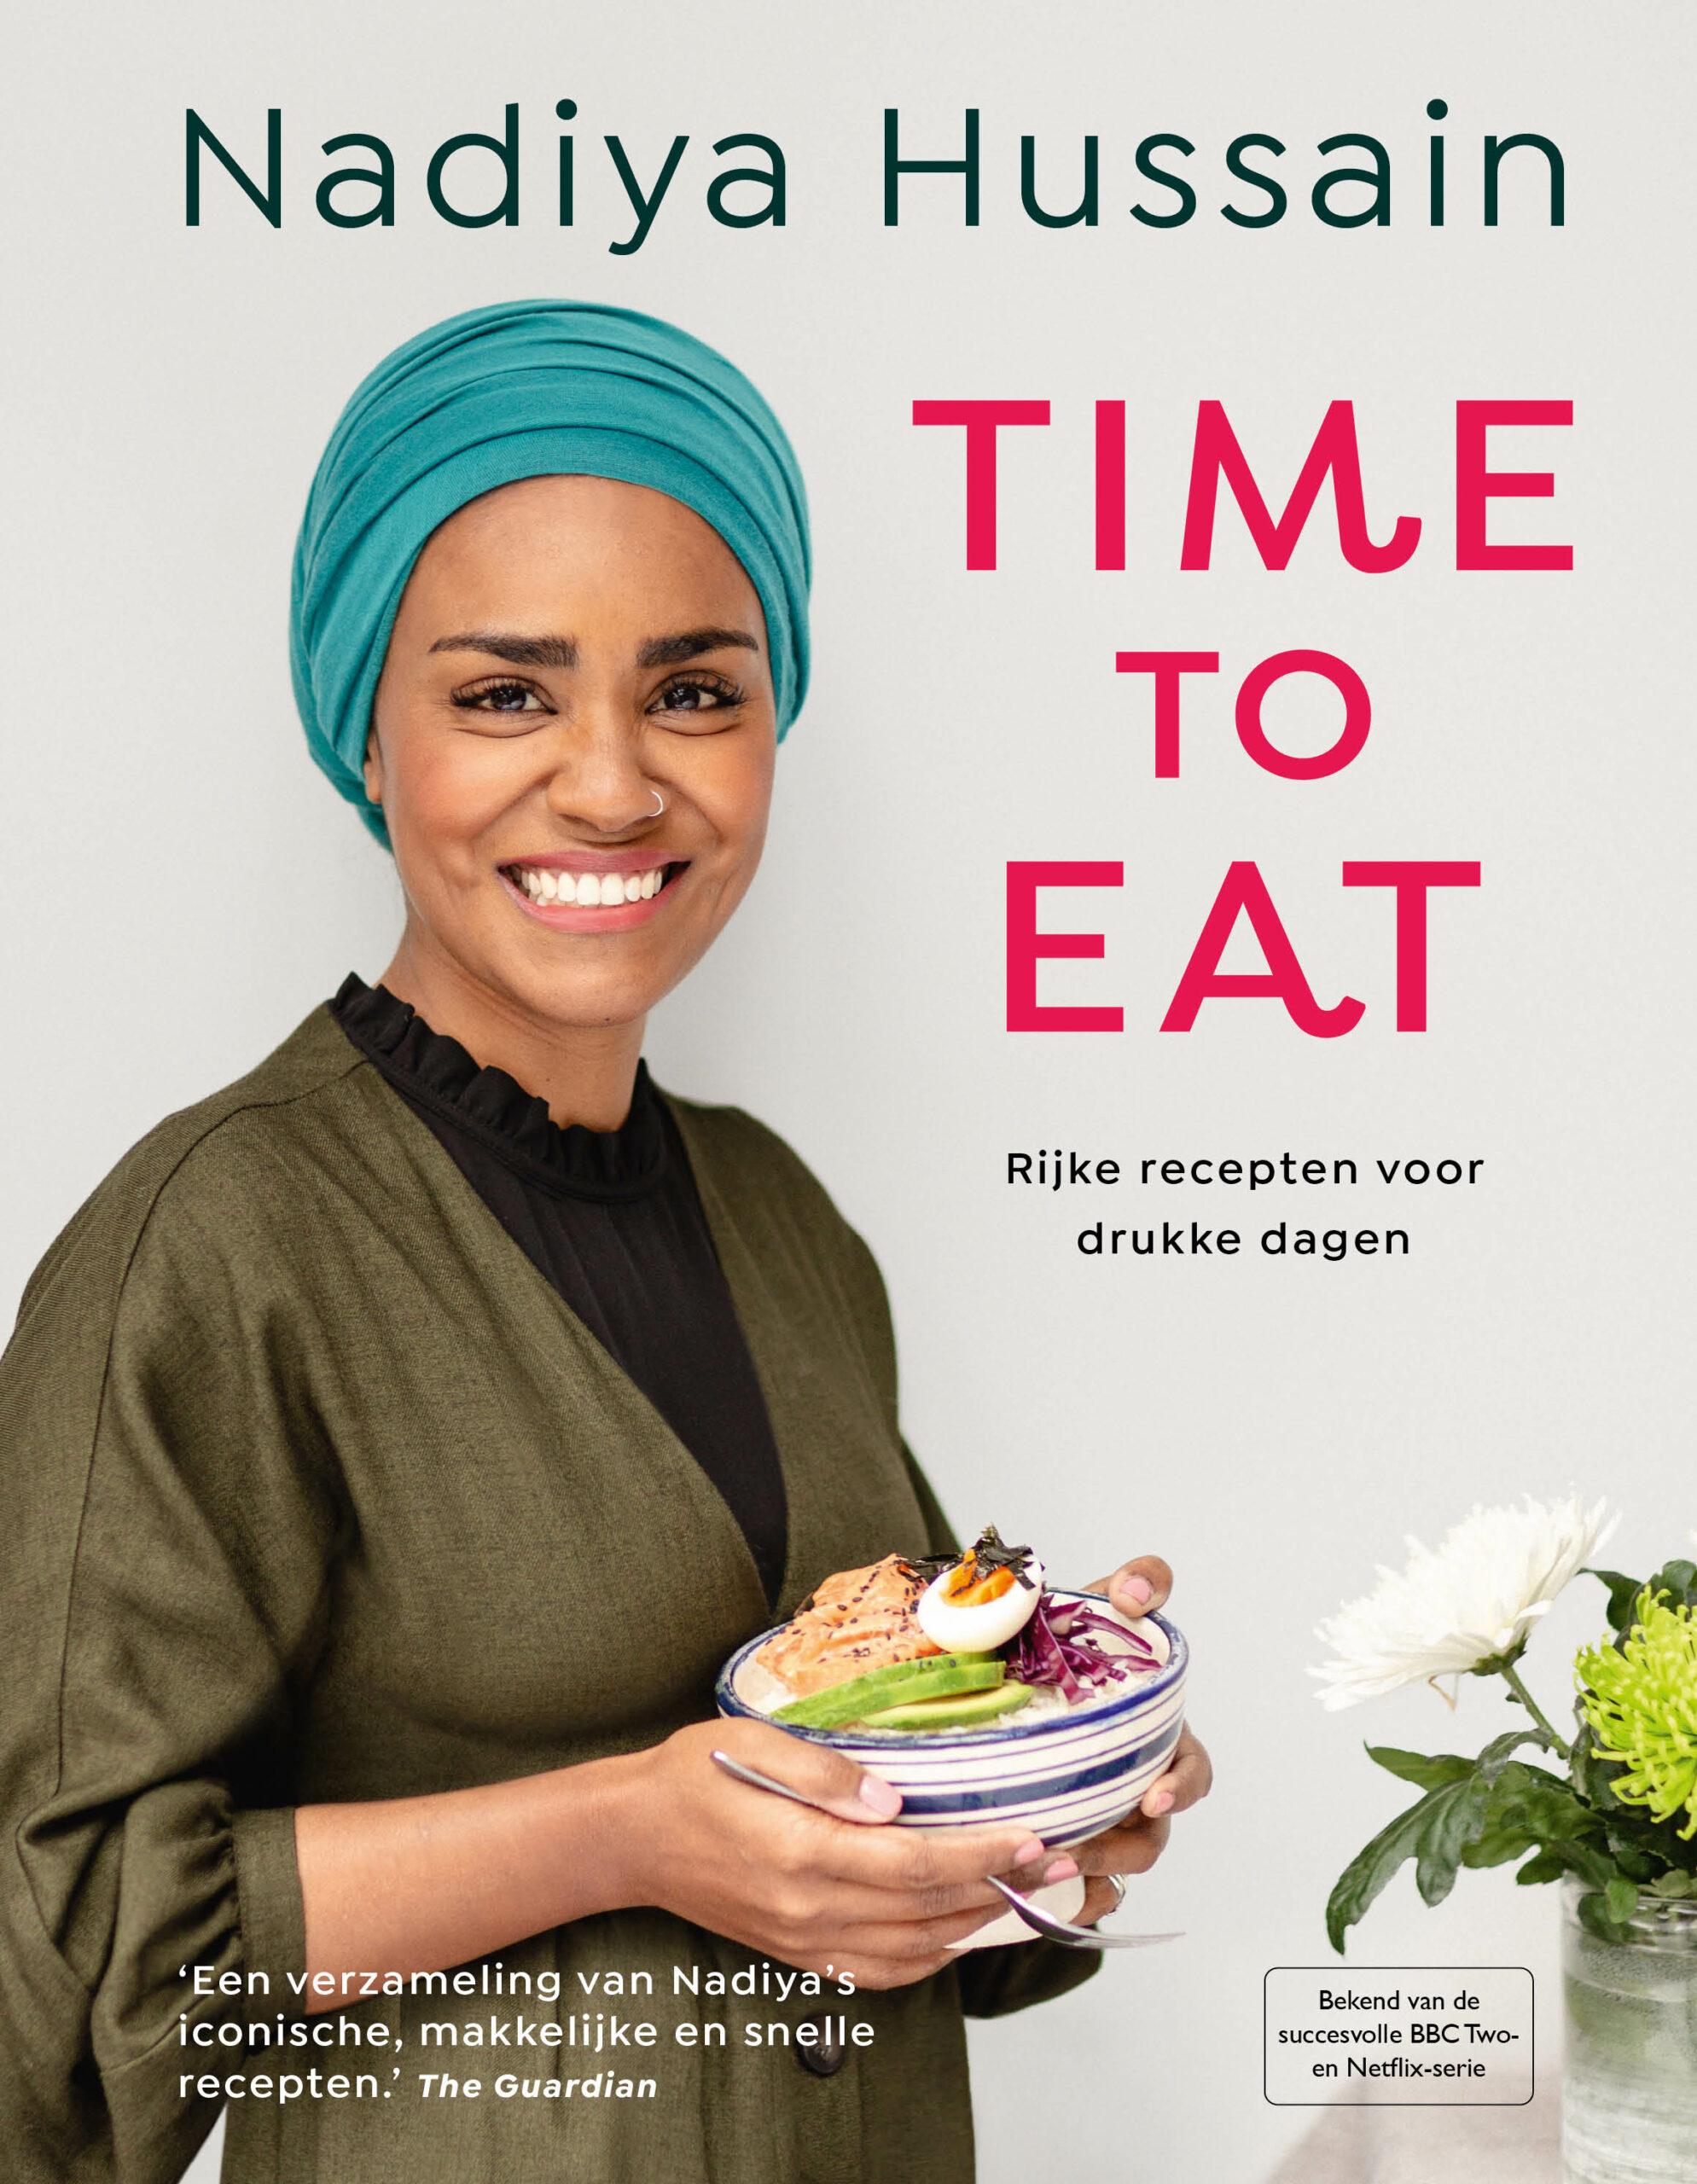 Time to eat - Nadiya Hussain